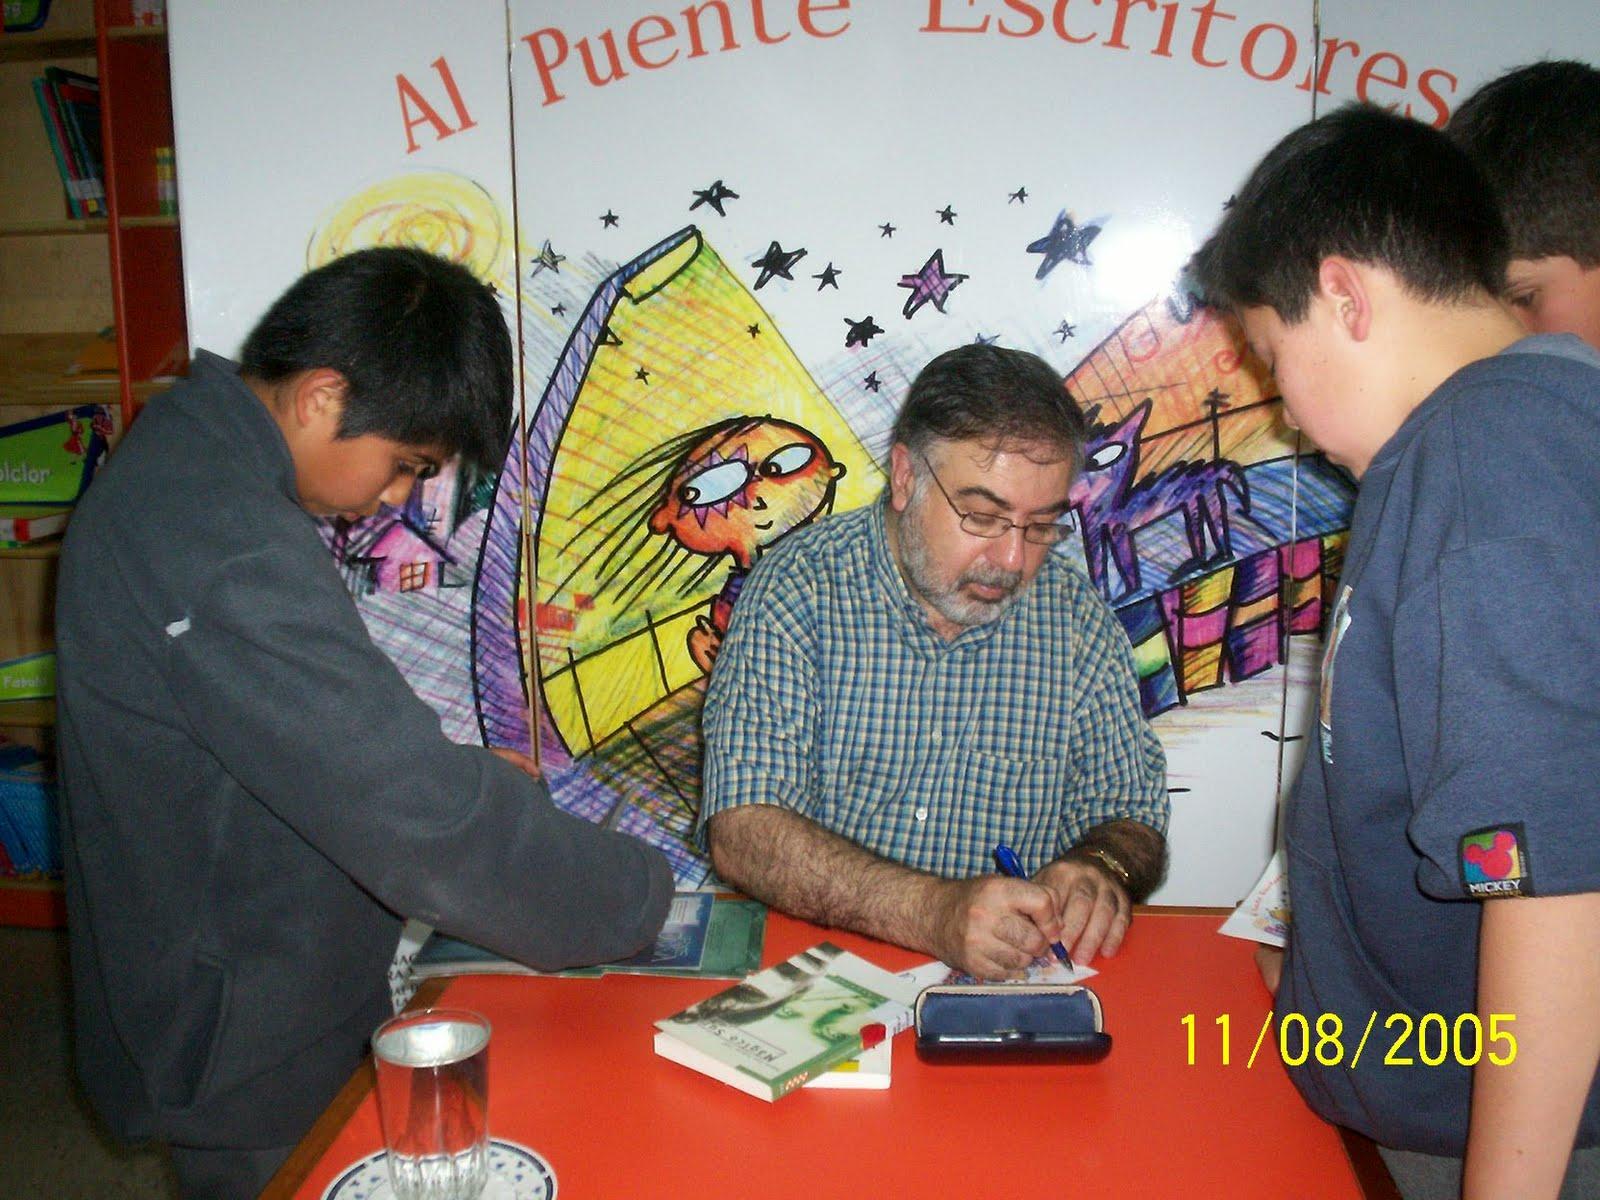 AL PUENTE ESCRITORES 2005